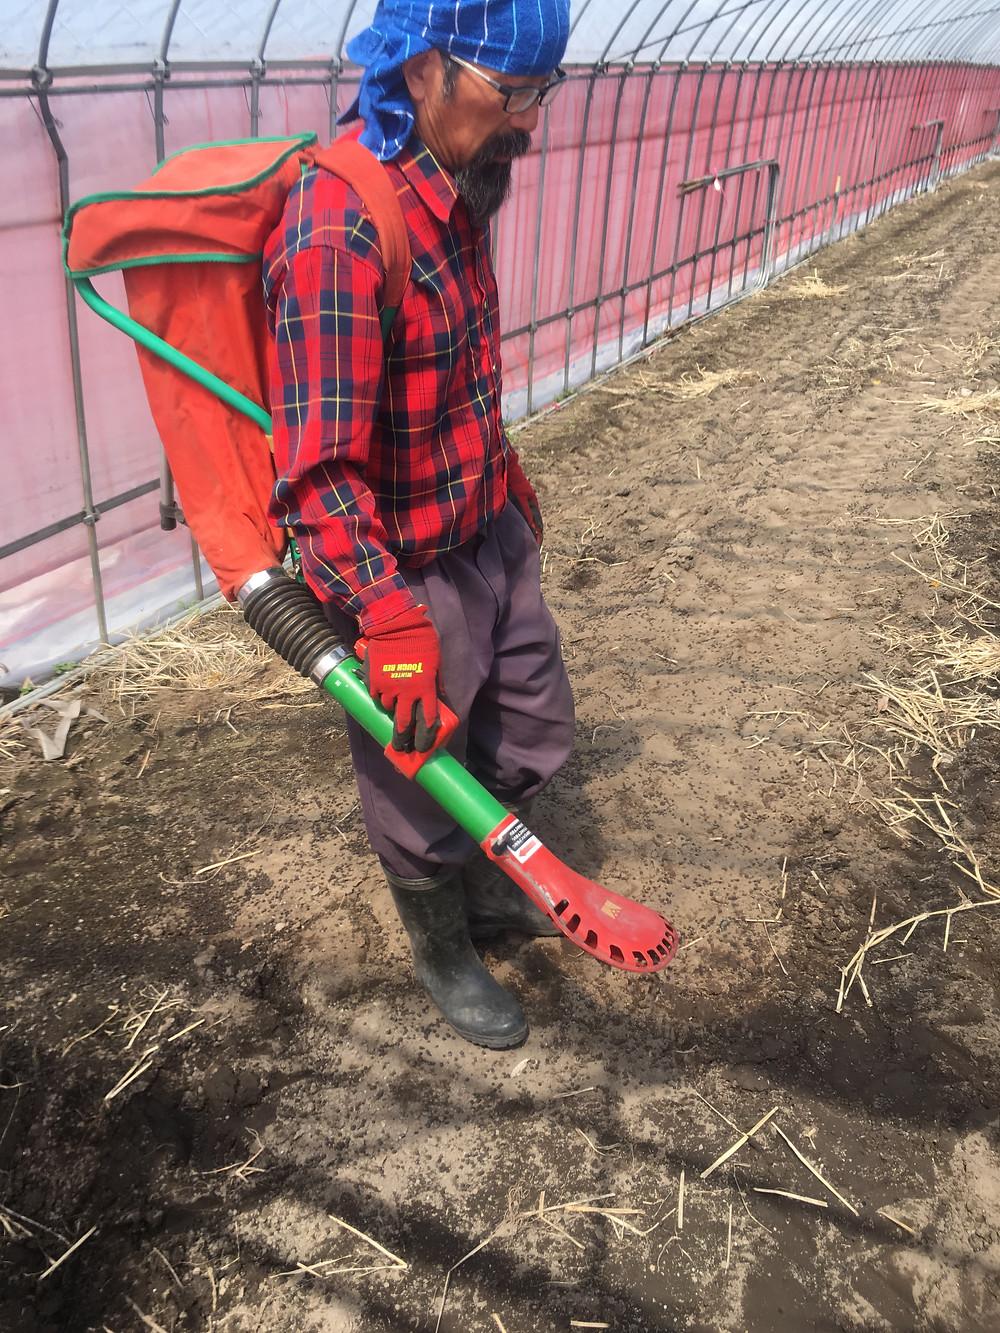 肥料パックを背負って肥料を散布する様子